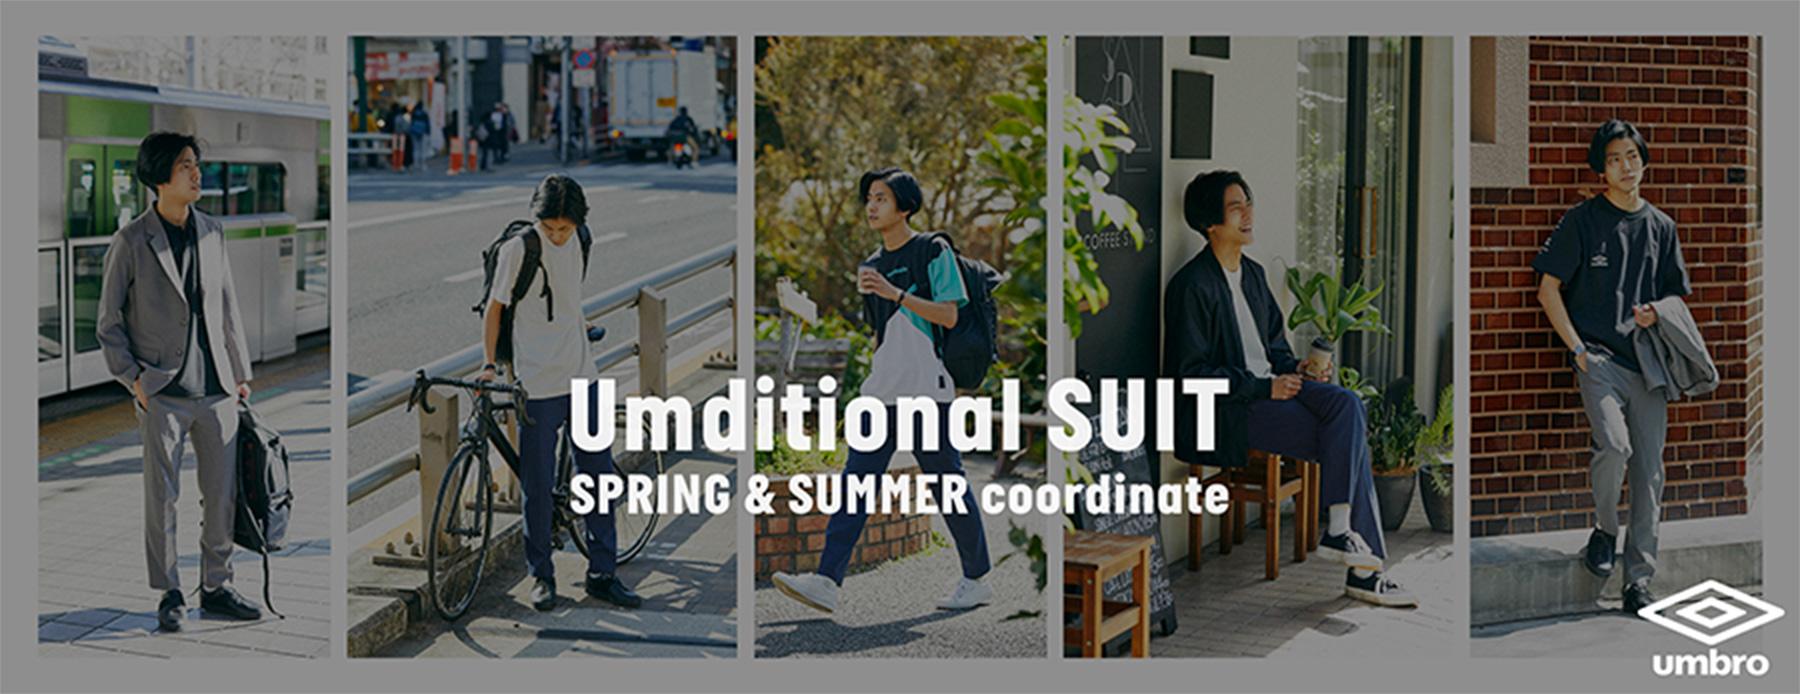 Umditional SUIT SPRING & SUMMER coadinate